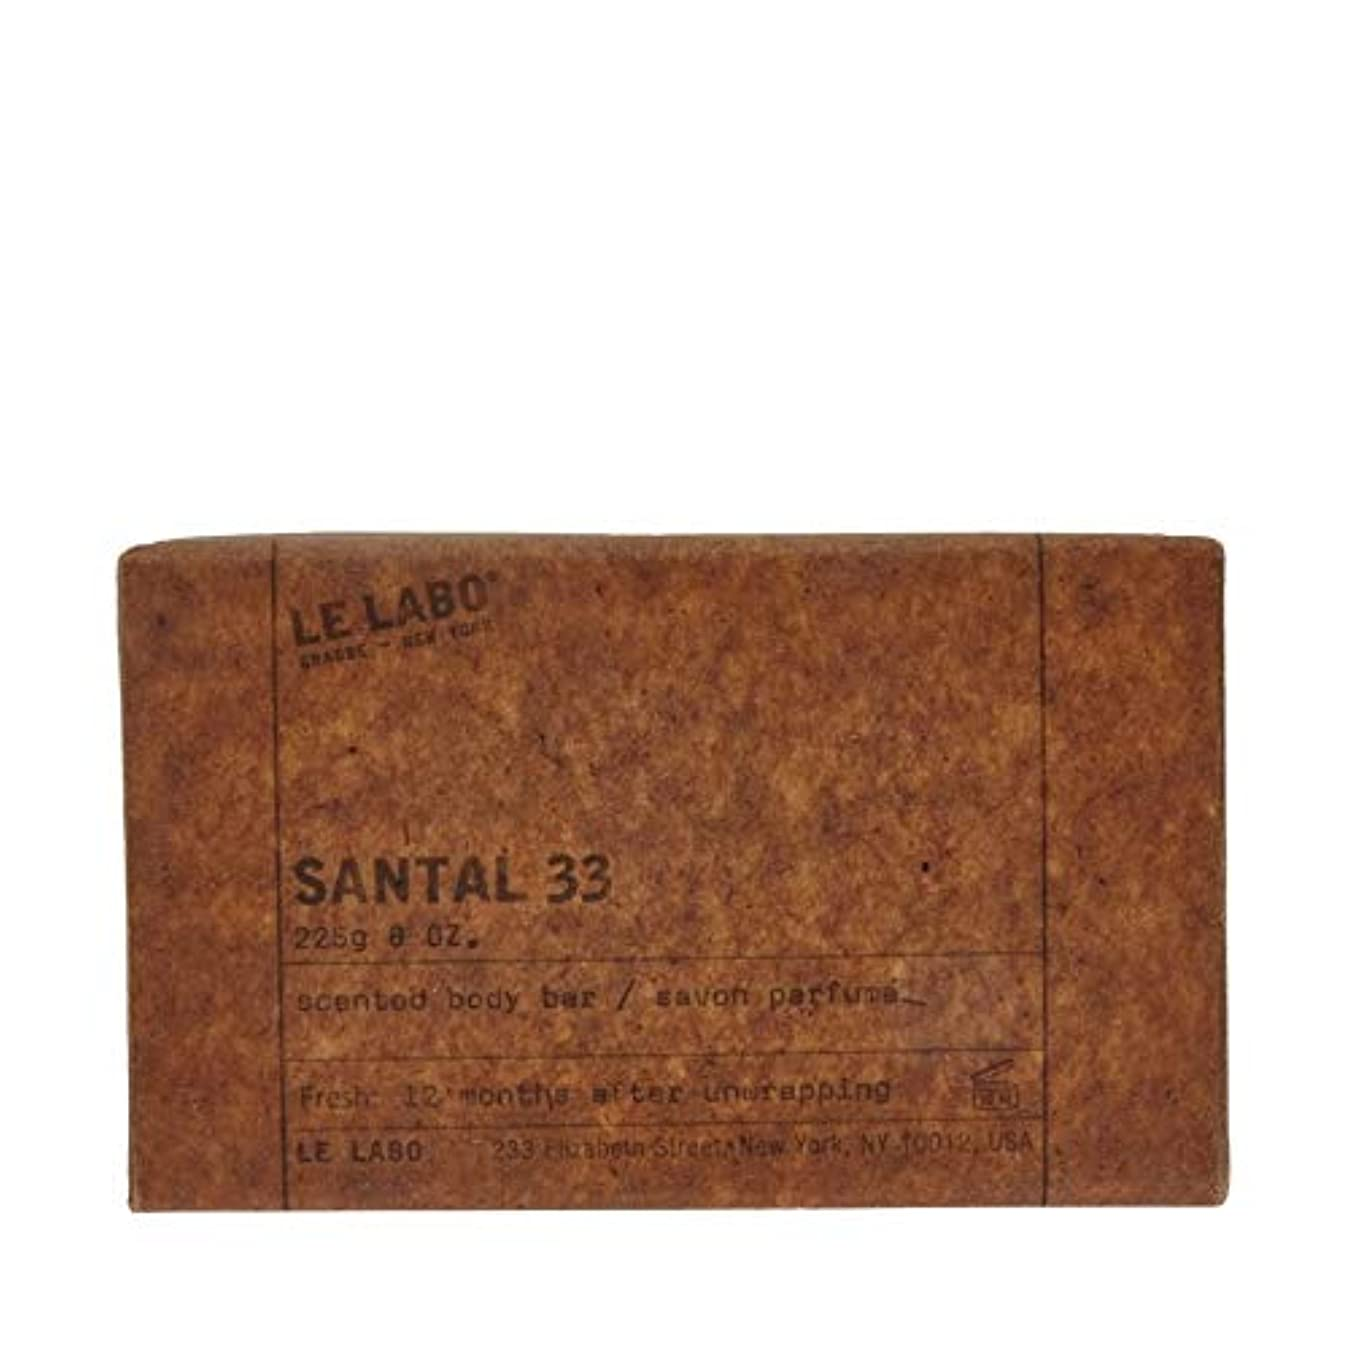 不良品読書ロック解除[Le Labo ] ルラボサンタル33石鹸225グラム - Le Labo Santal 33 Soap 225g [並行輸入品]